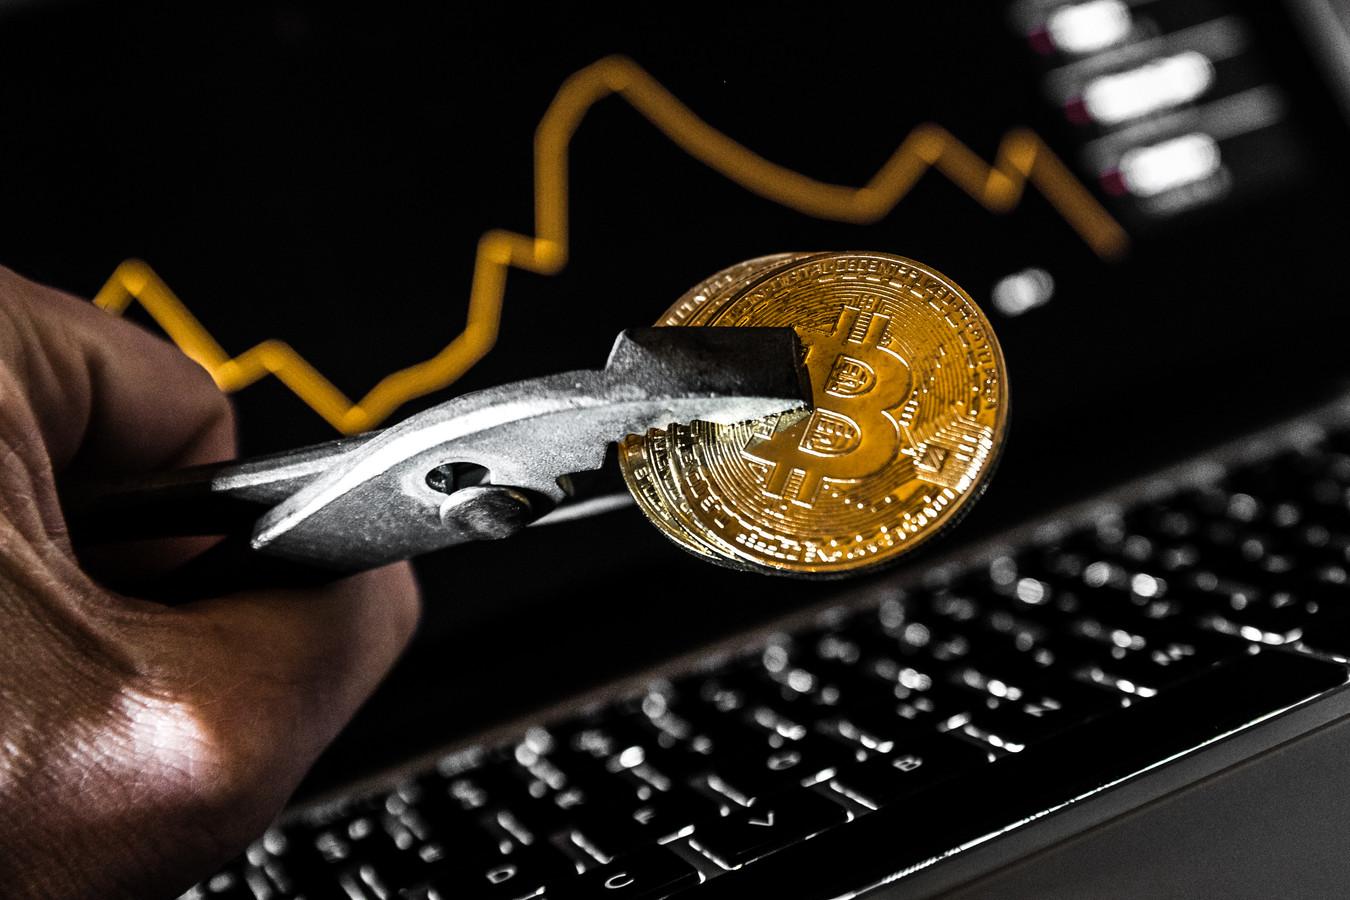 De bitcoin won dinsdag aan waarde en doorbrak kortstondig de grens van 5000 dollar. Daarmee noteerde de digitale munteenheid op het hoogste niveau sinds november vorig jaar. Ook andere cryptomunten veerden op.